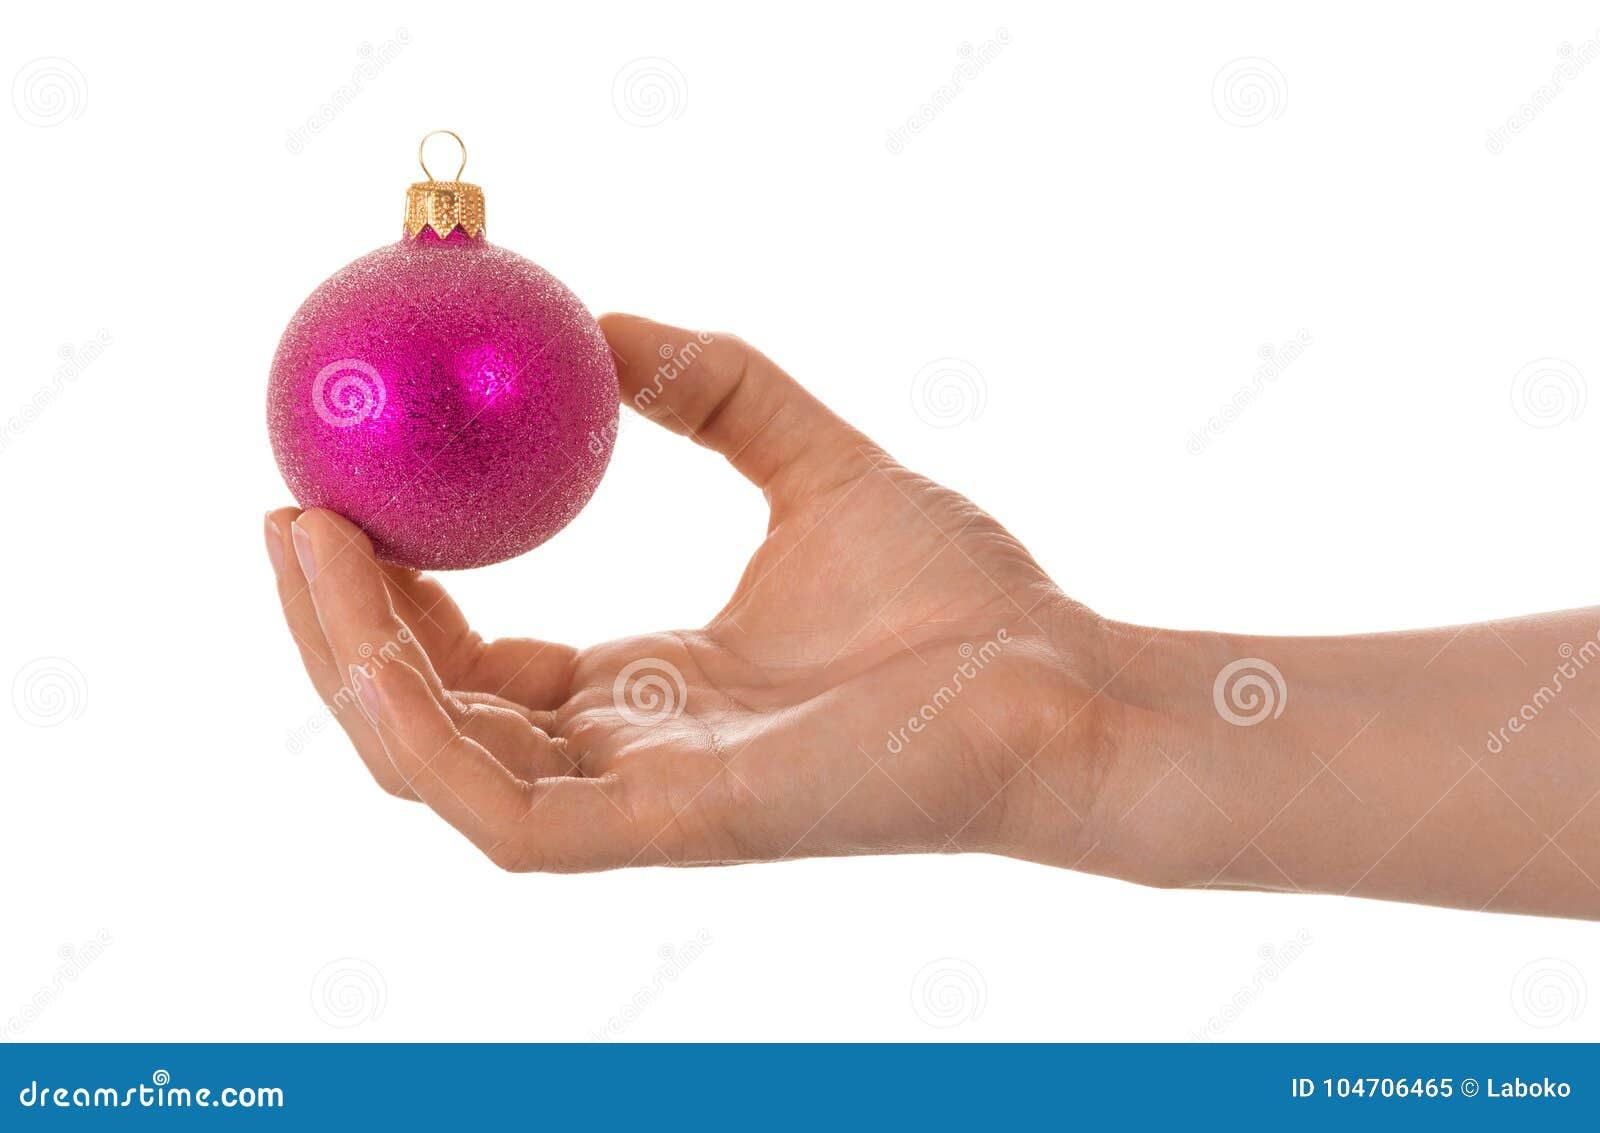 Boule Plastique A Decorer boule-jouet lumineux pour décorer l'arbre de noël, dans la